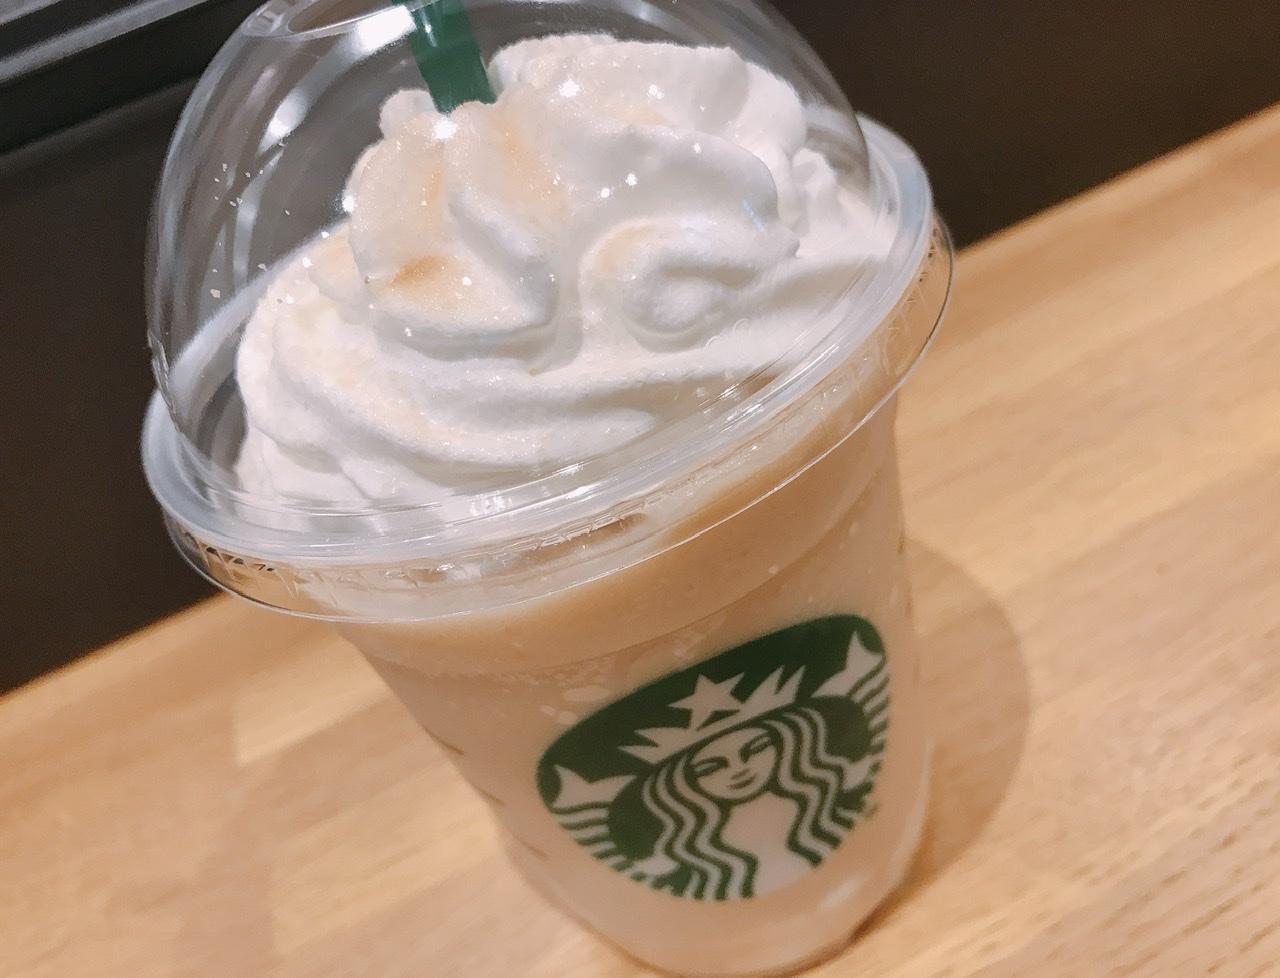 【スタバ】《ほうじ茶ドリンク》が期間限定メニュー欠品中だけ飲める幸せ♡_5